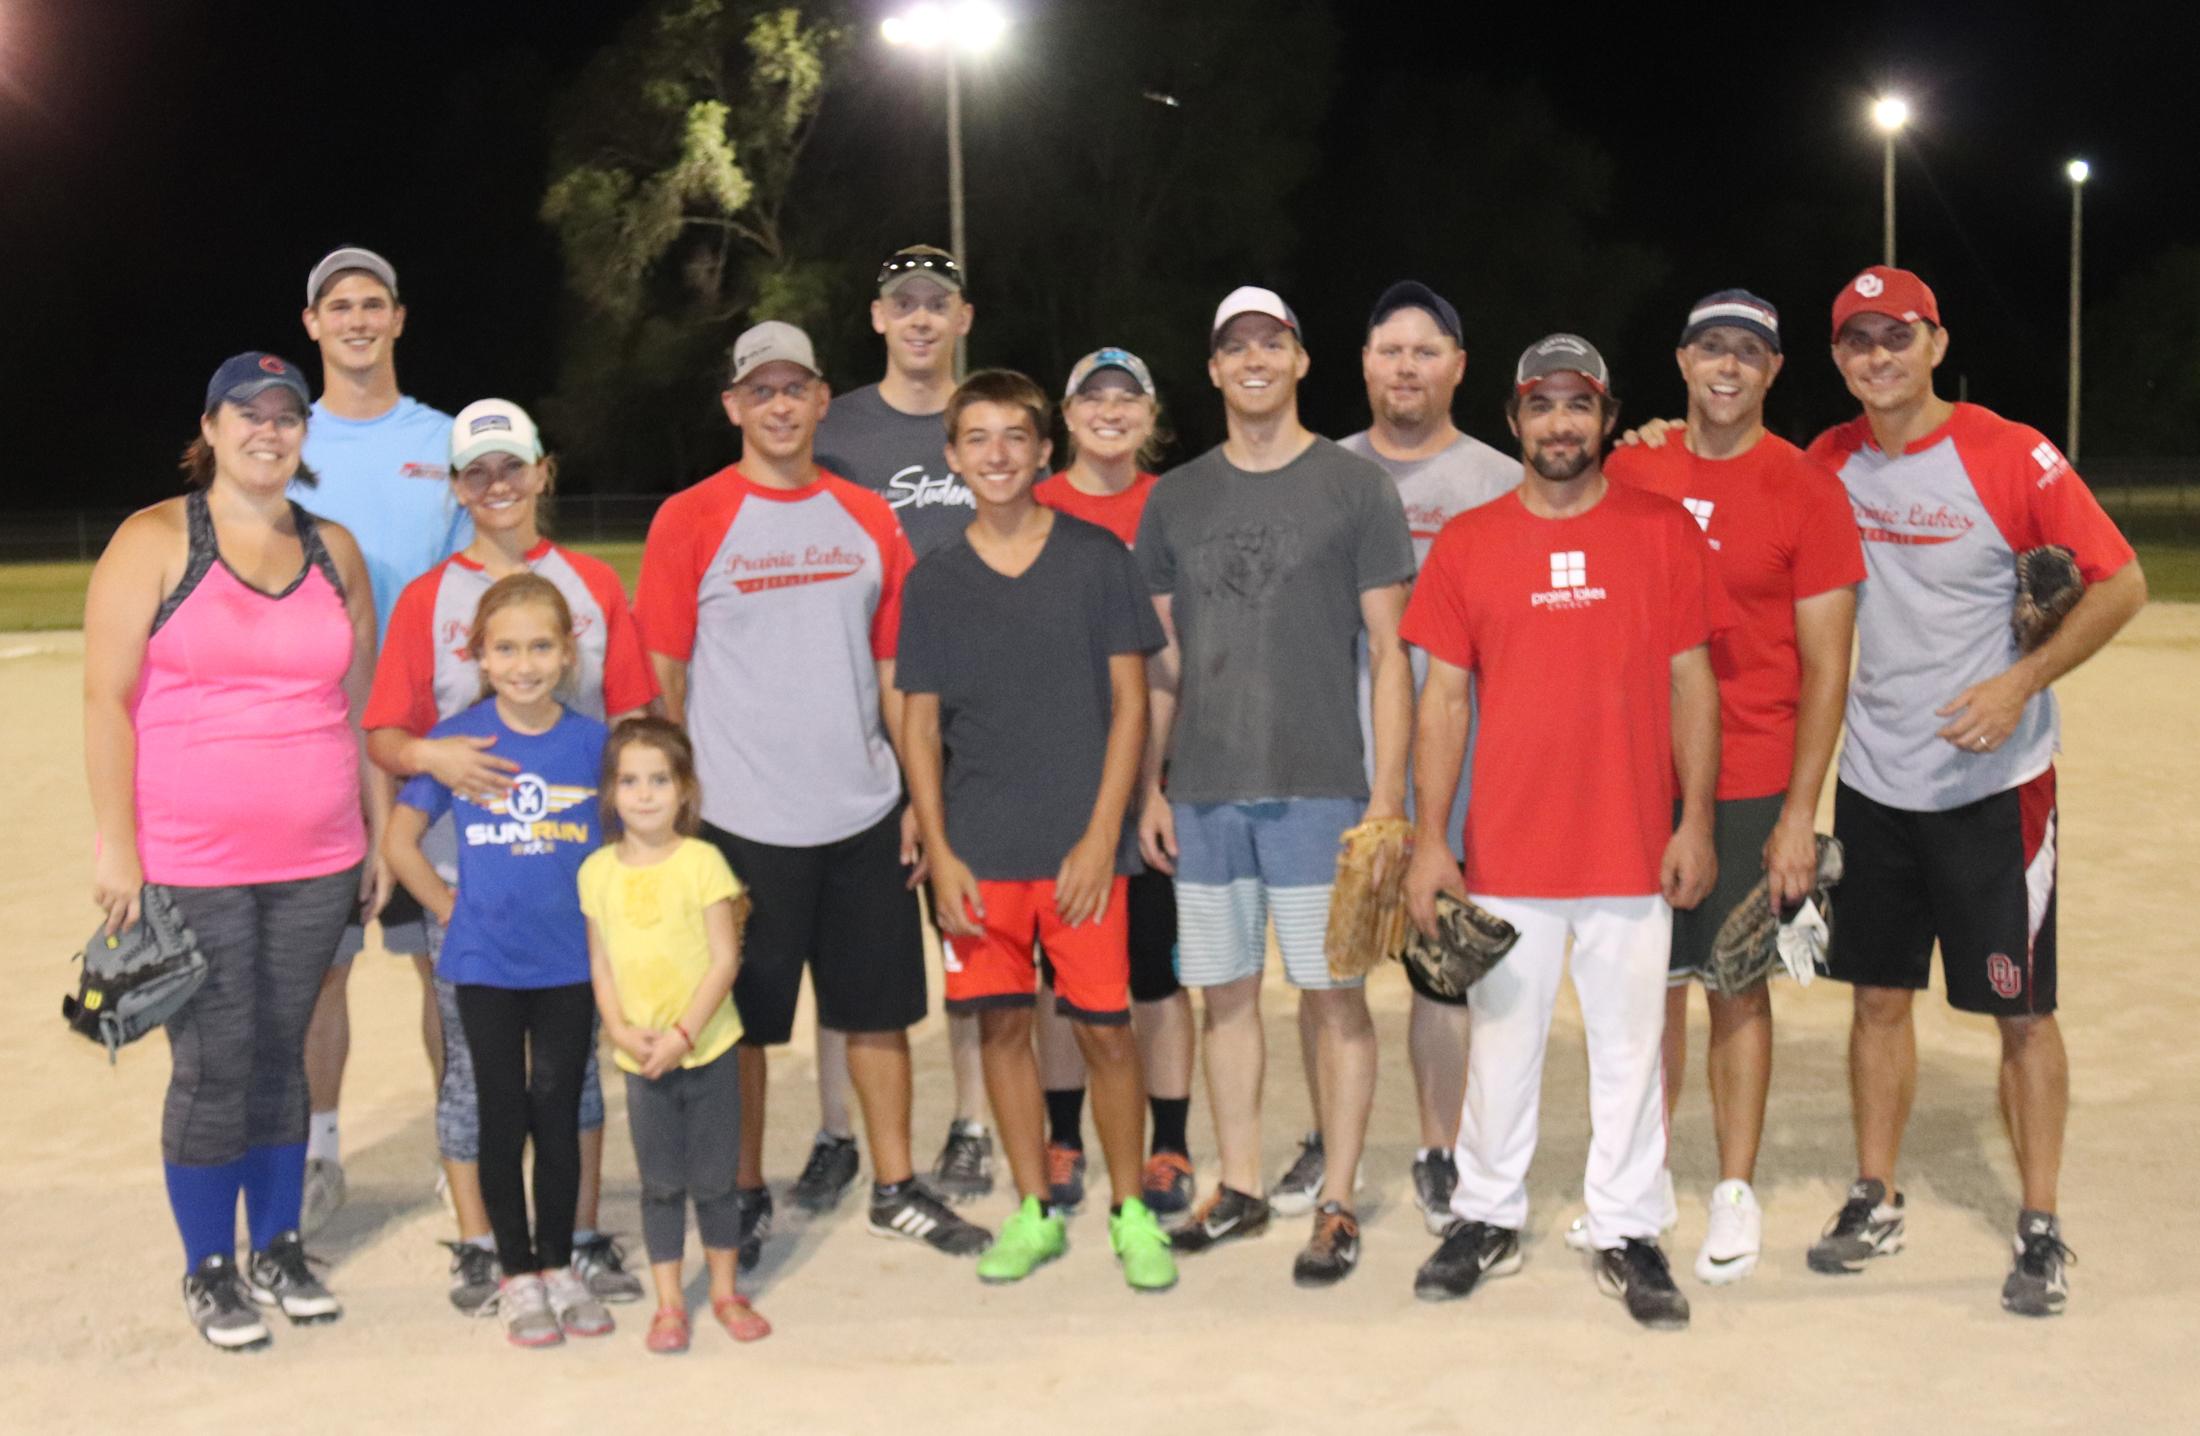 Prairie Lakes NH wins CC Church Softball League championship